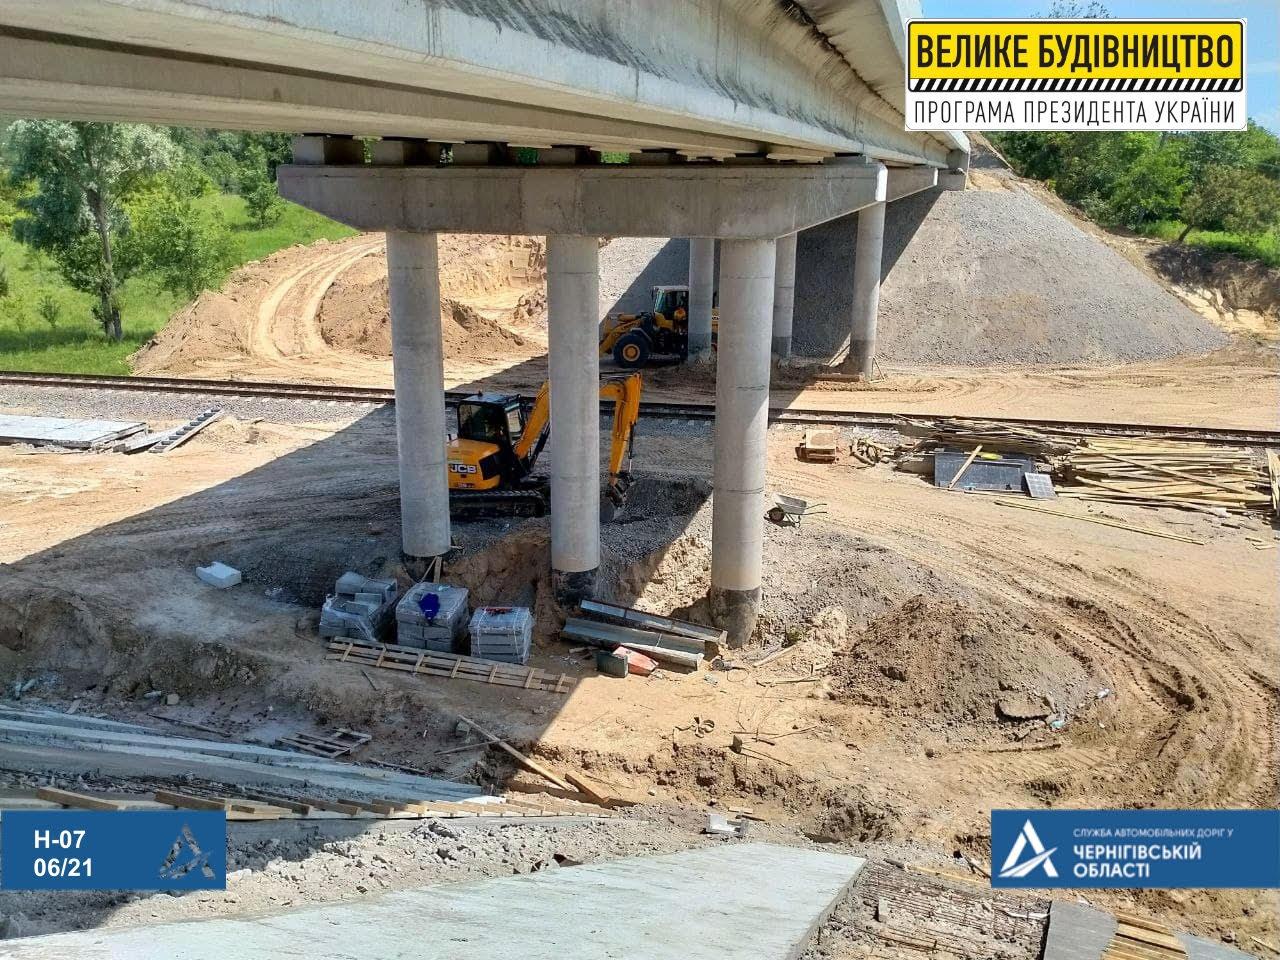 Шляхопровід через залізницю біля Прилук — у процесі реконструкції (Фото)